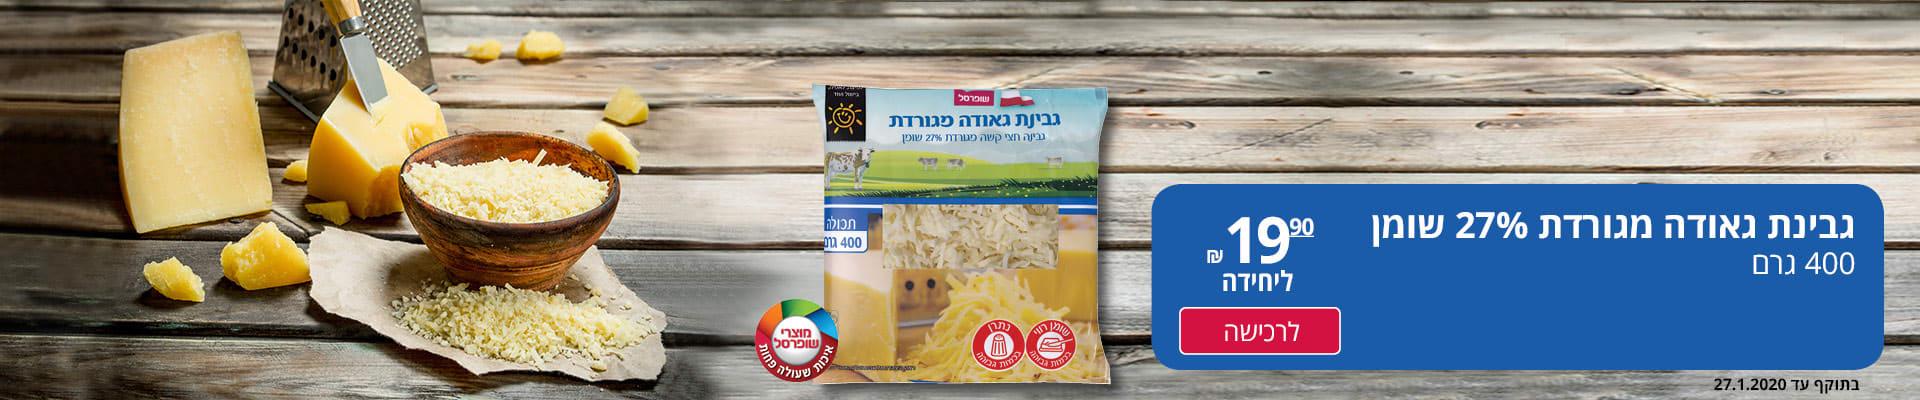 גבינת גאודה מגורדת 27% שומן ב- 19.90 ₪ ליחידה. בתוקף עד ה-27.1.20